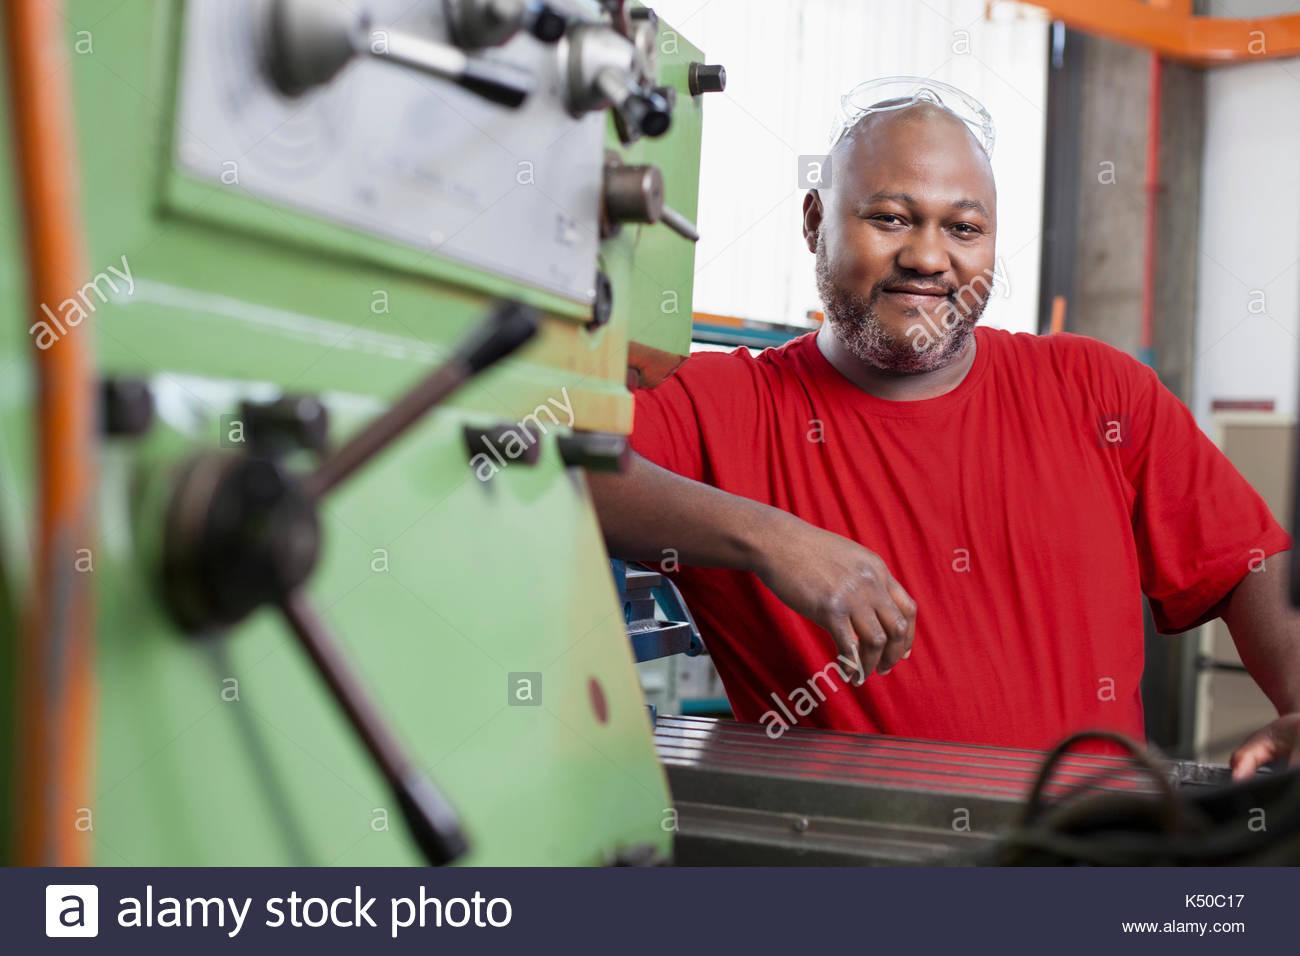 L'homme de l'Afrique de l'utilisation d'une machine dans un entrepôt Photo Stock